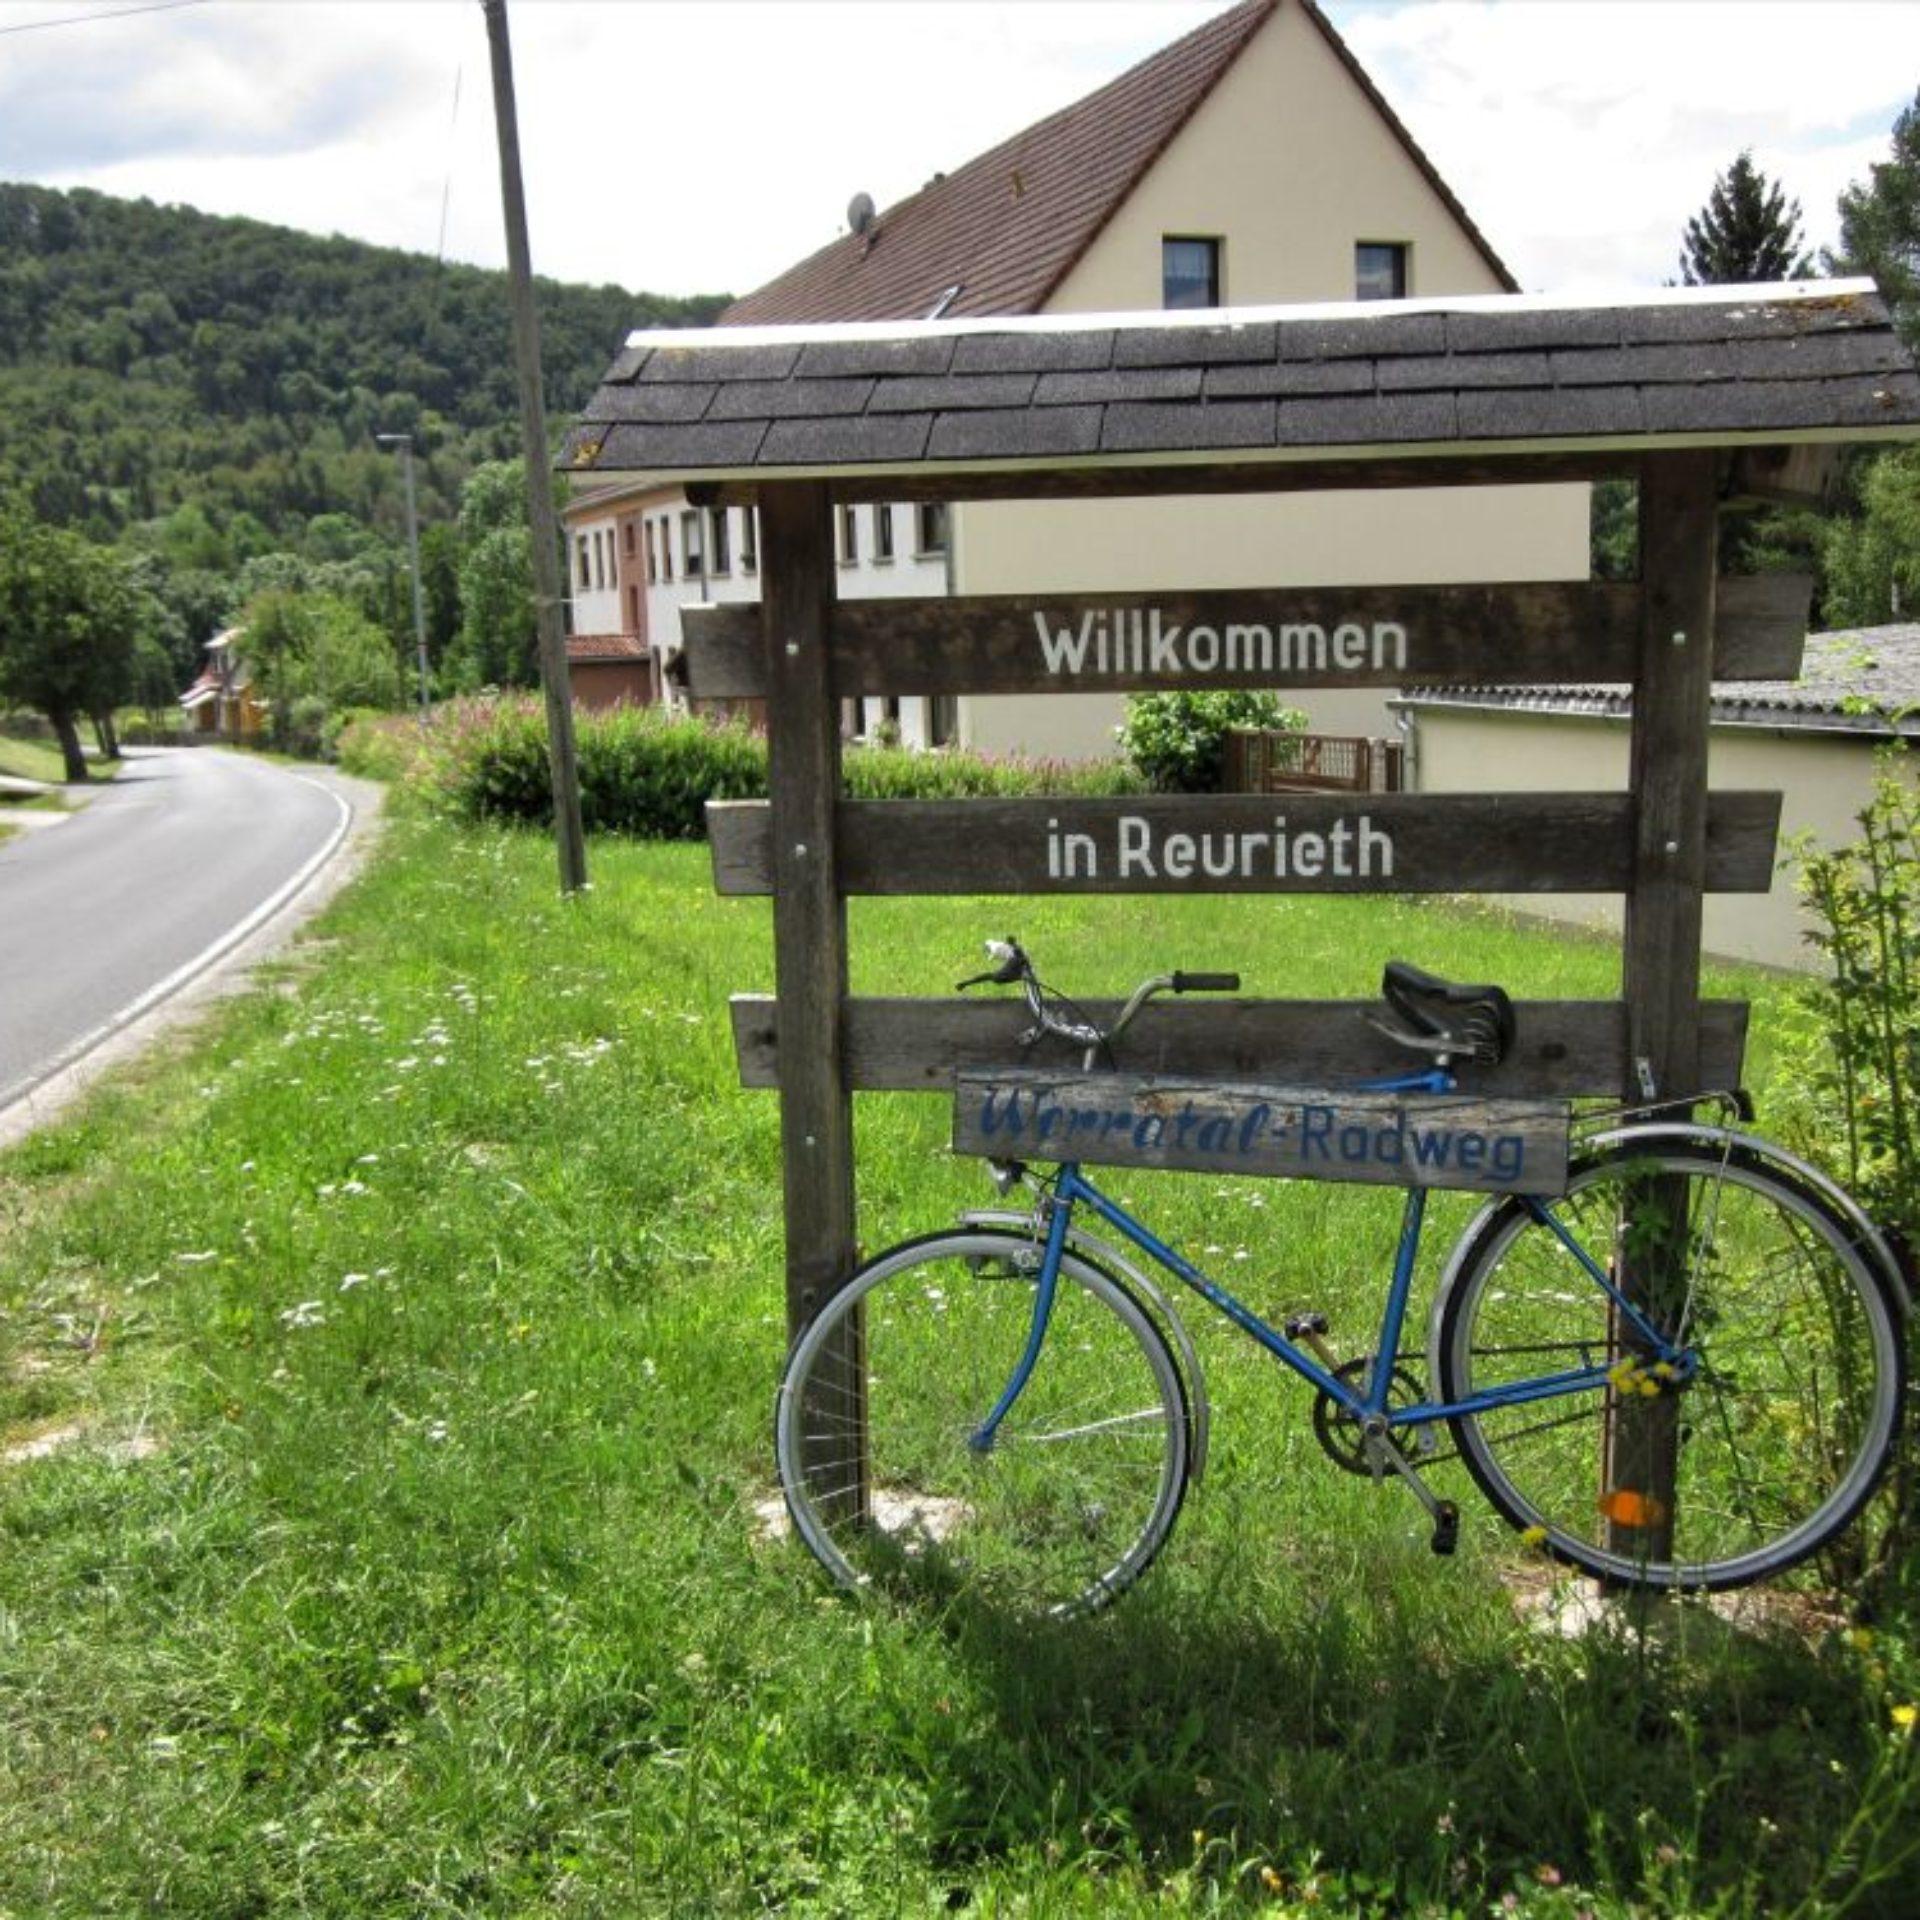 Willkommensschild Ortseingang Reurieth